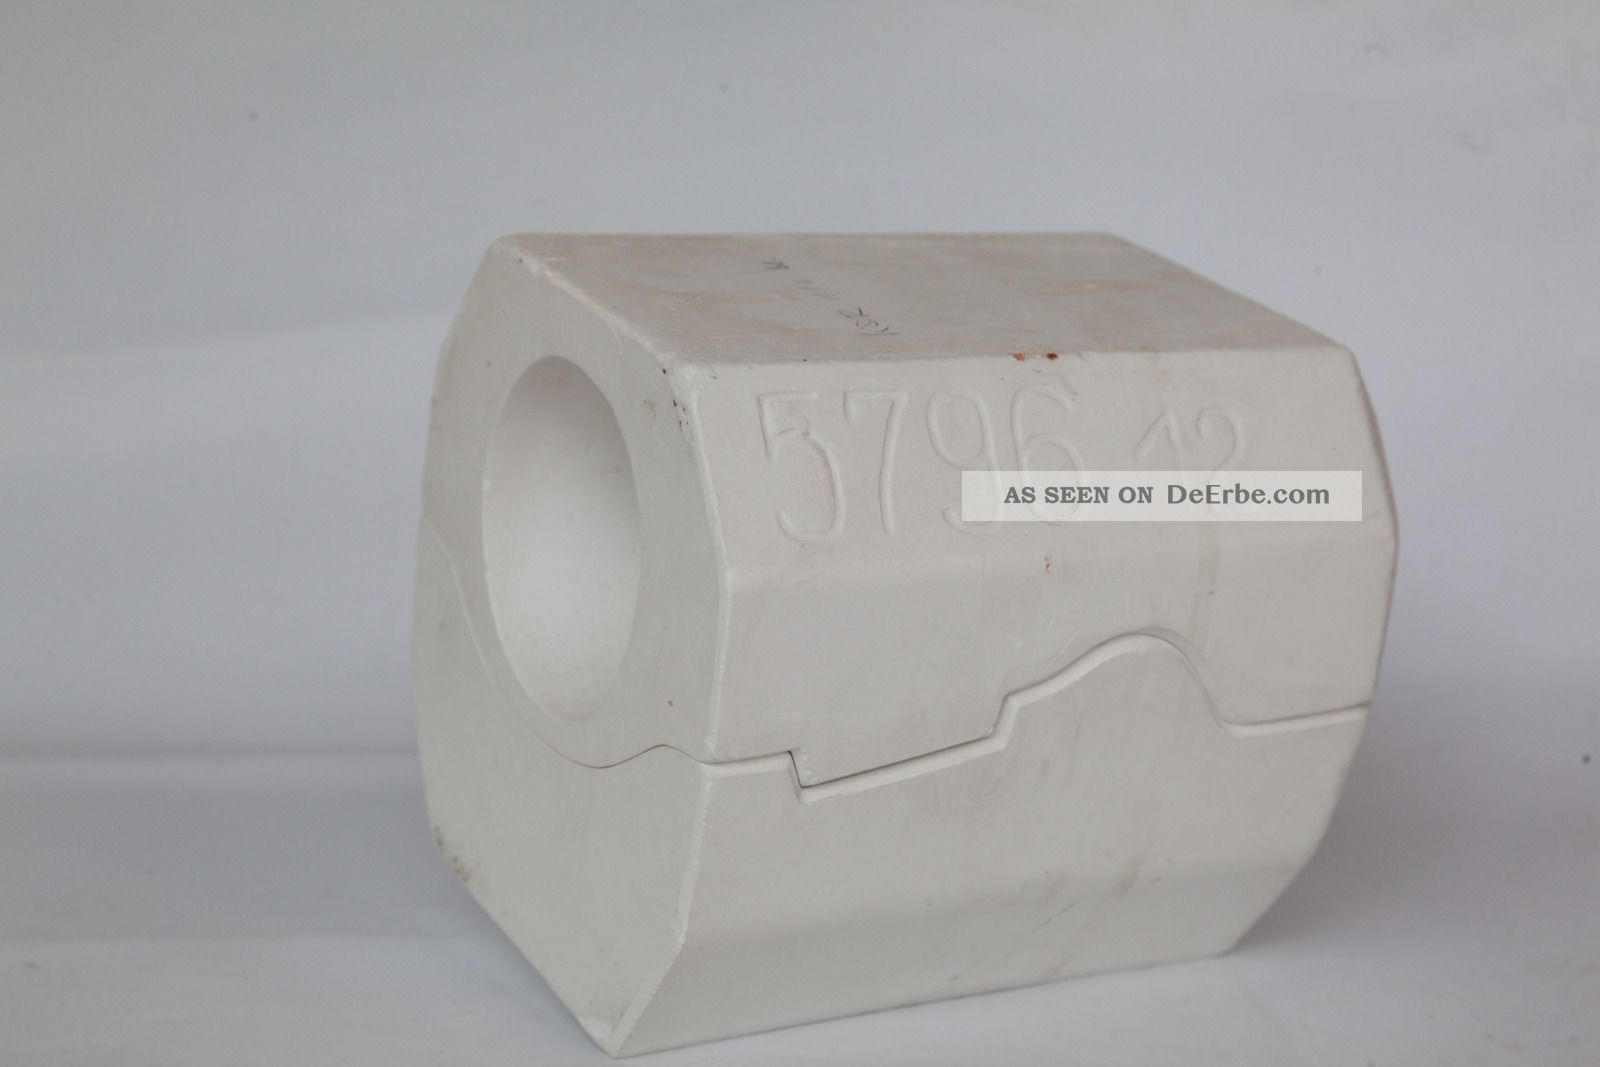 Gießform Für Porzellan - Puppenkopf K&r 114 Kl Porzellankopfpuppen Bild